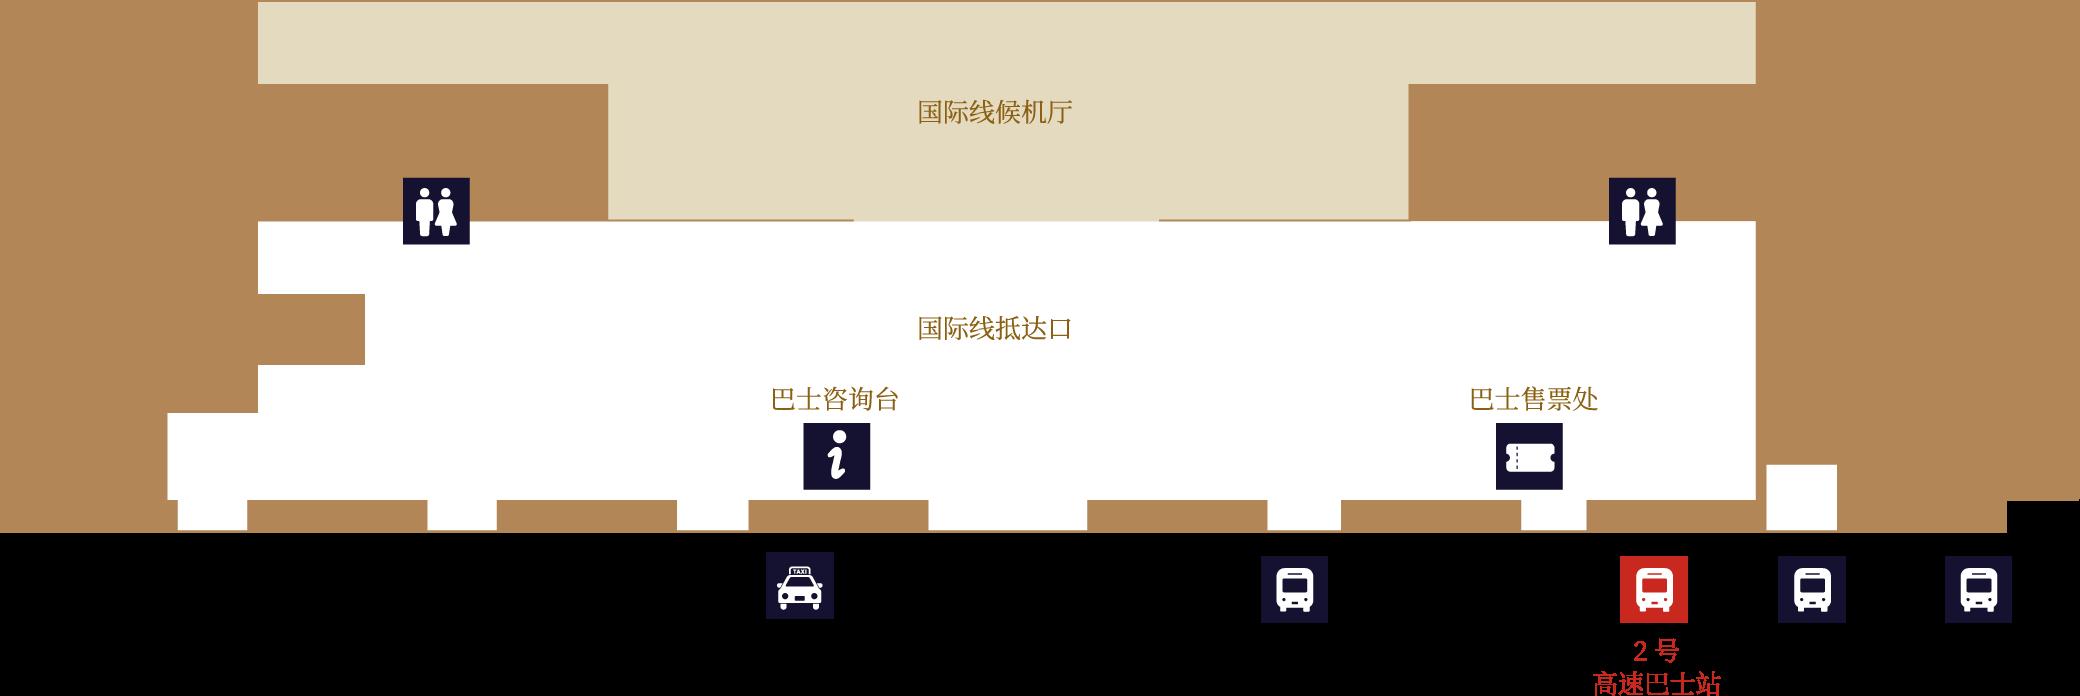 福冈机场指南